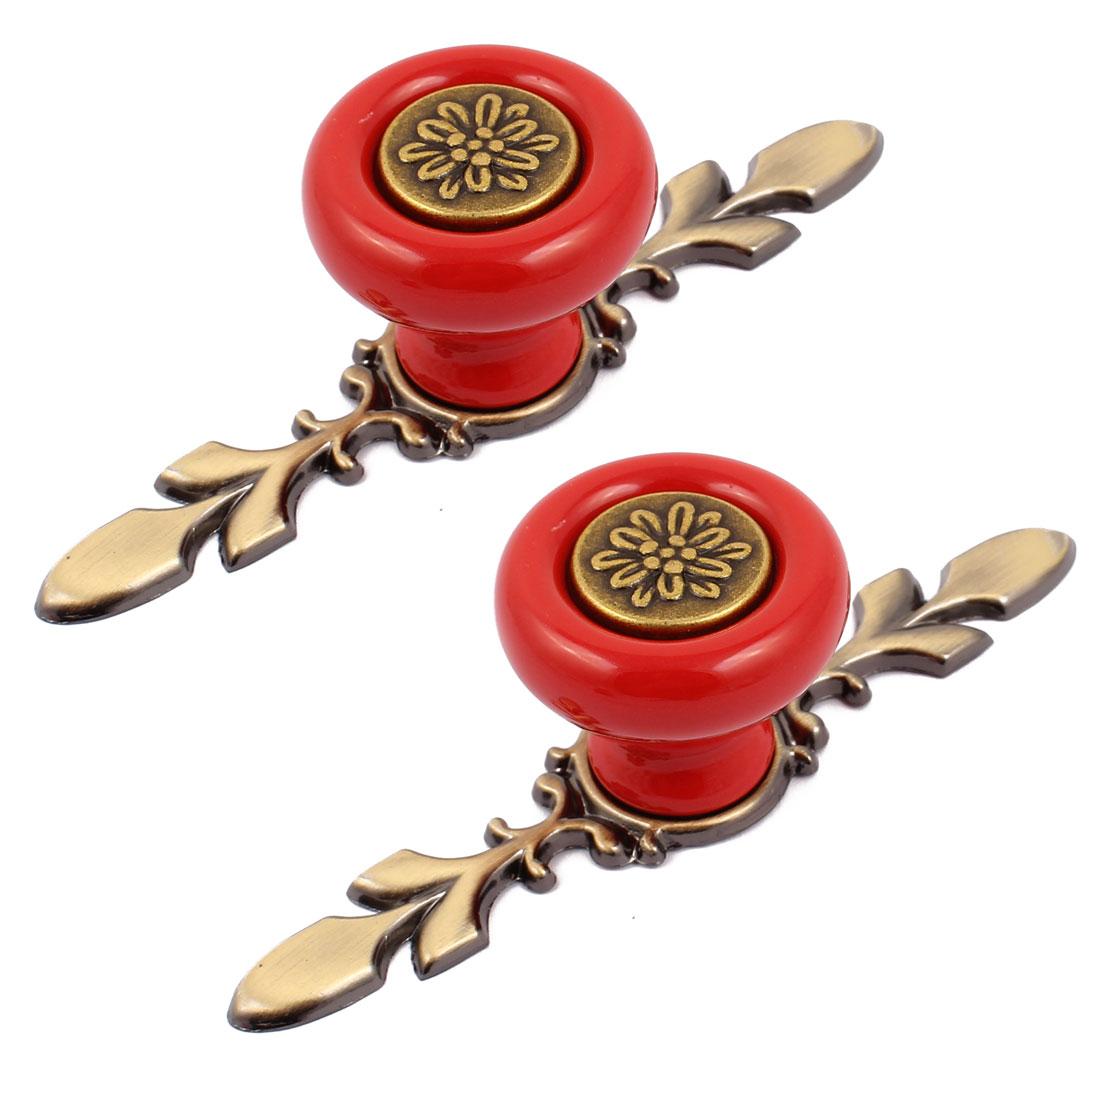 Cabinet Wardrobe Drawer Door Pull Round Shape Metal Base Ceramic Knobs Red 2pcs